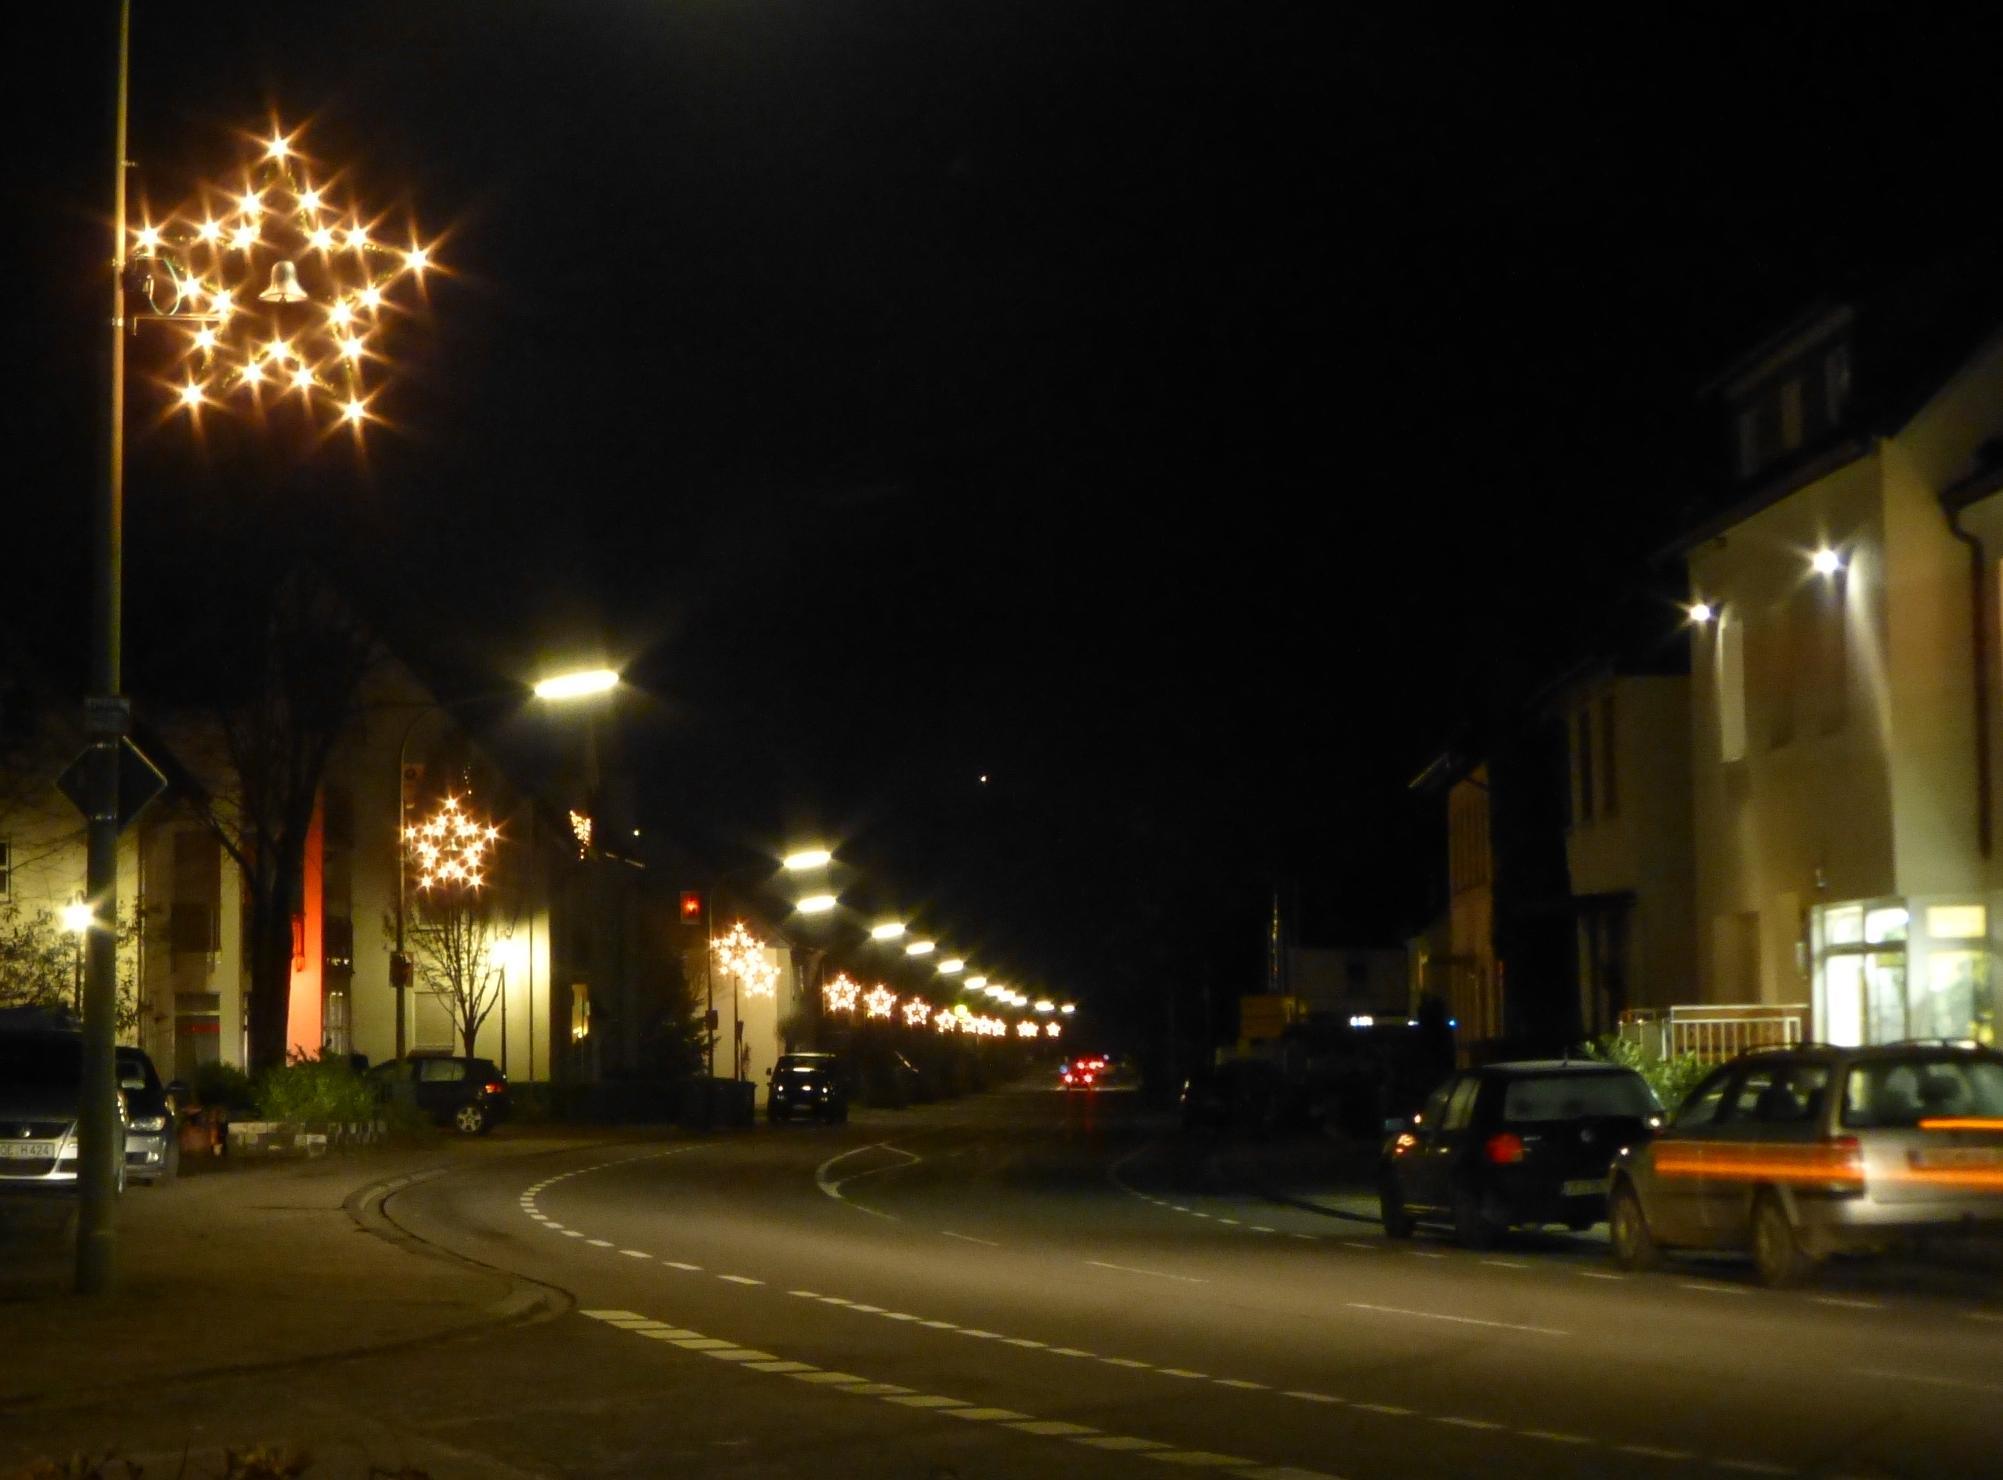 Bild von Kleiner Weihnachtsmarkt auf dem Dorfplatz